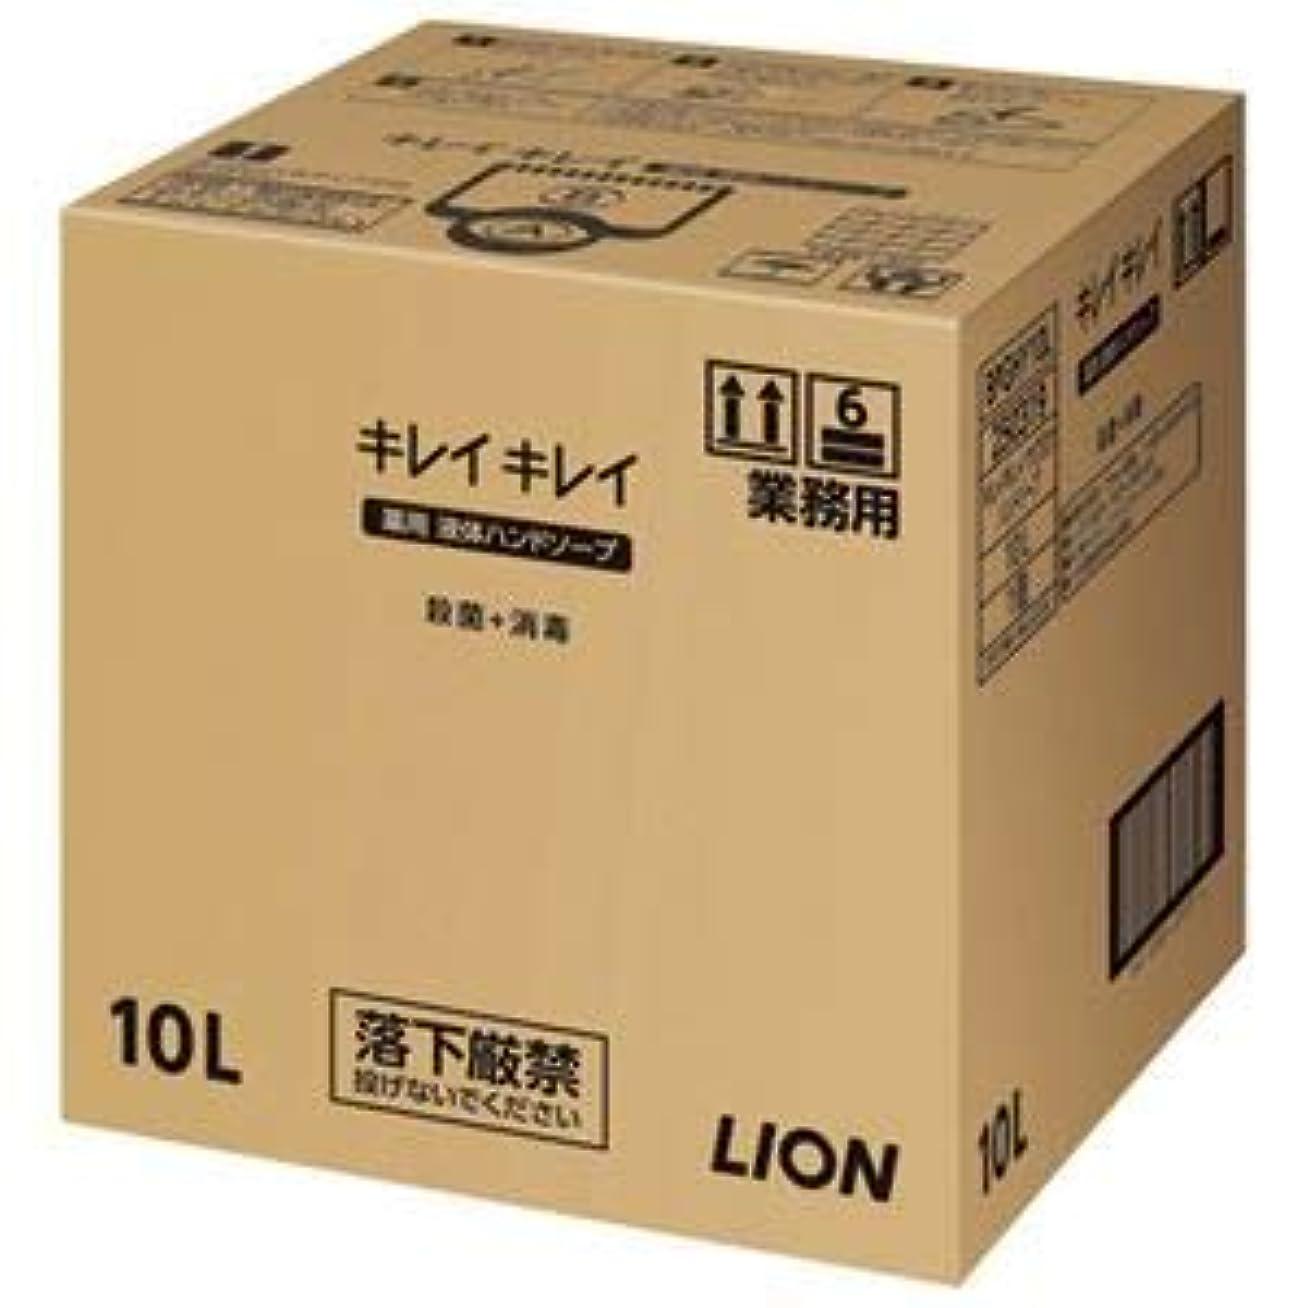 イブニング道徳作成する(まとめ)ライオン キレイキレイ 薬用ハンドソープ 10L【×5セット】